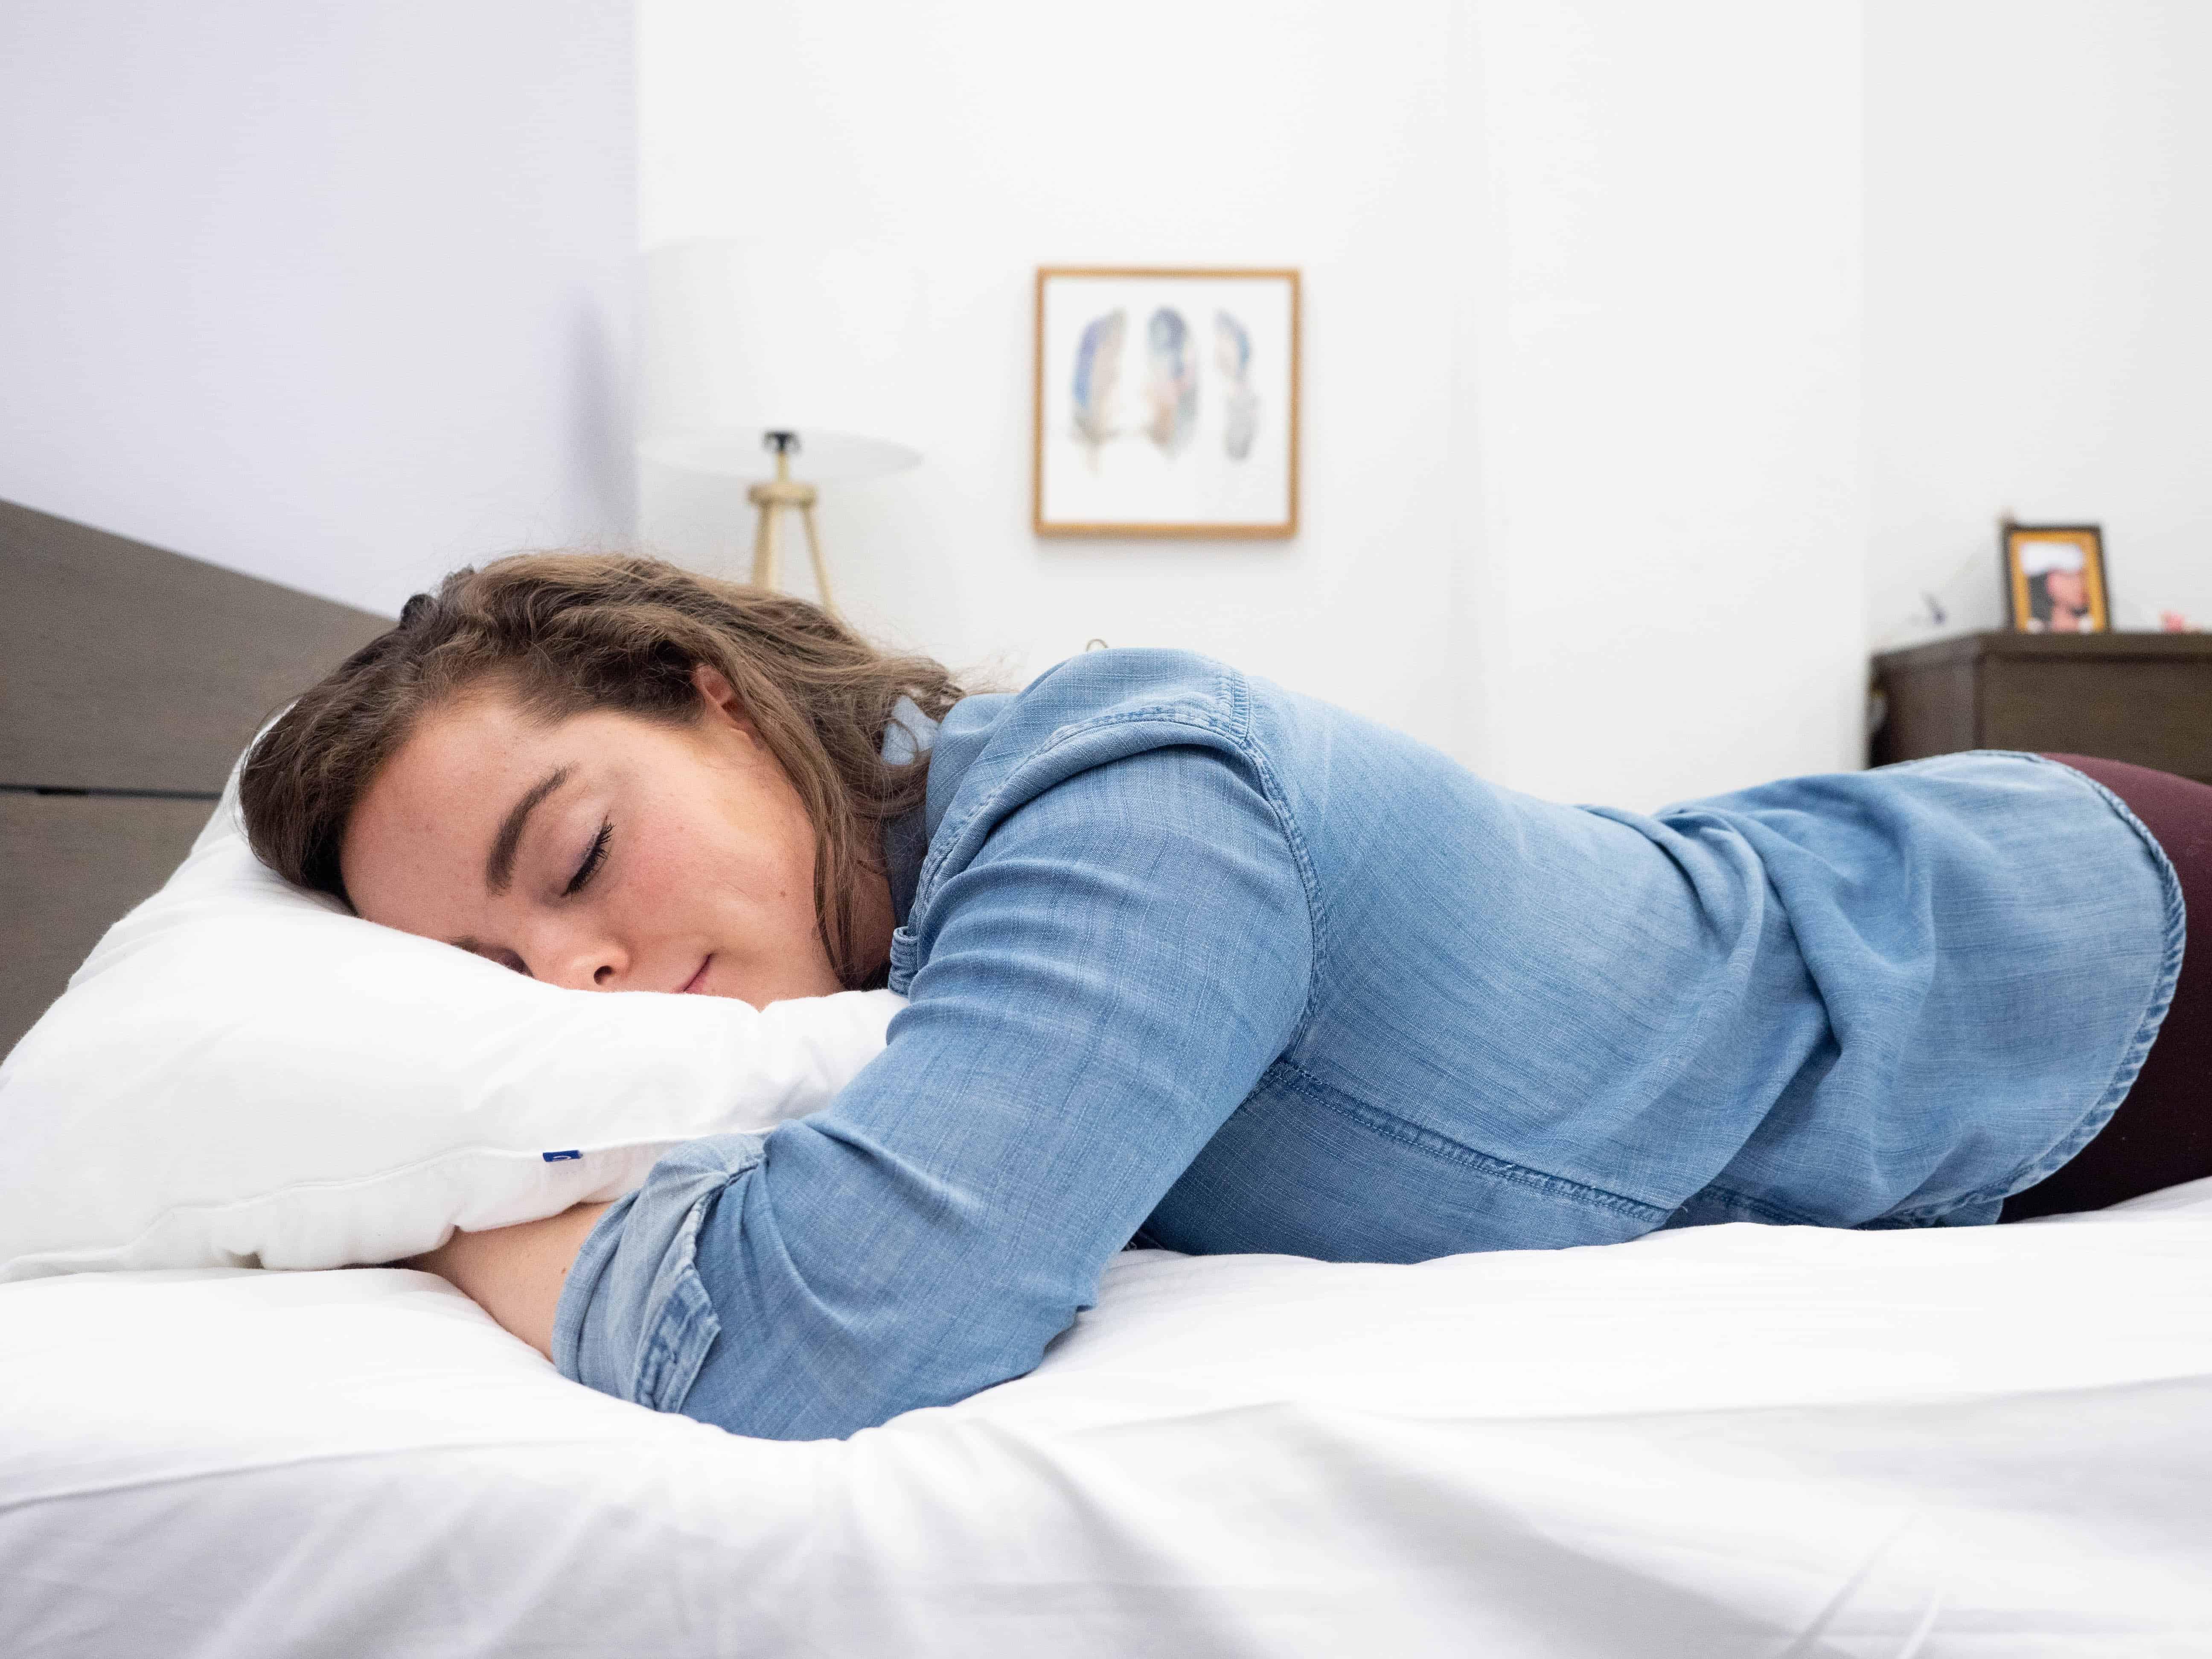 Casper Foam Pillow Stomach Sleeping